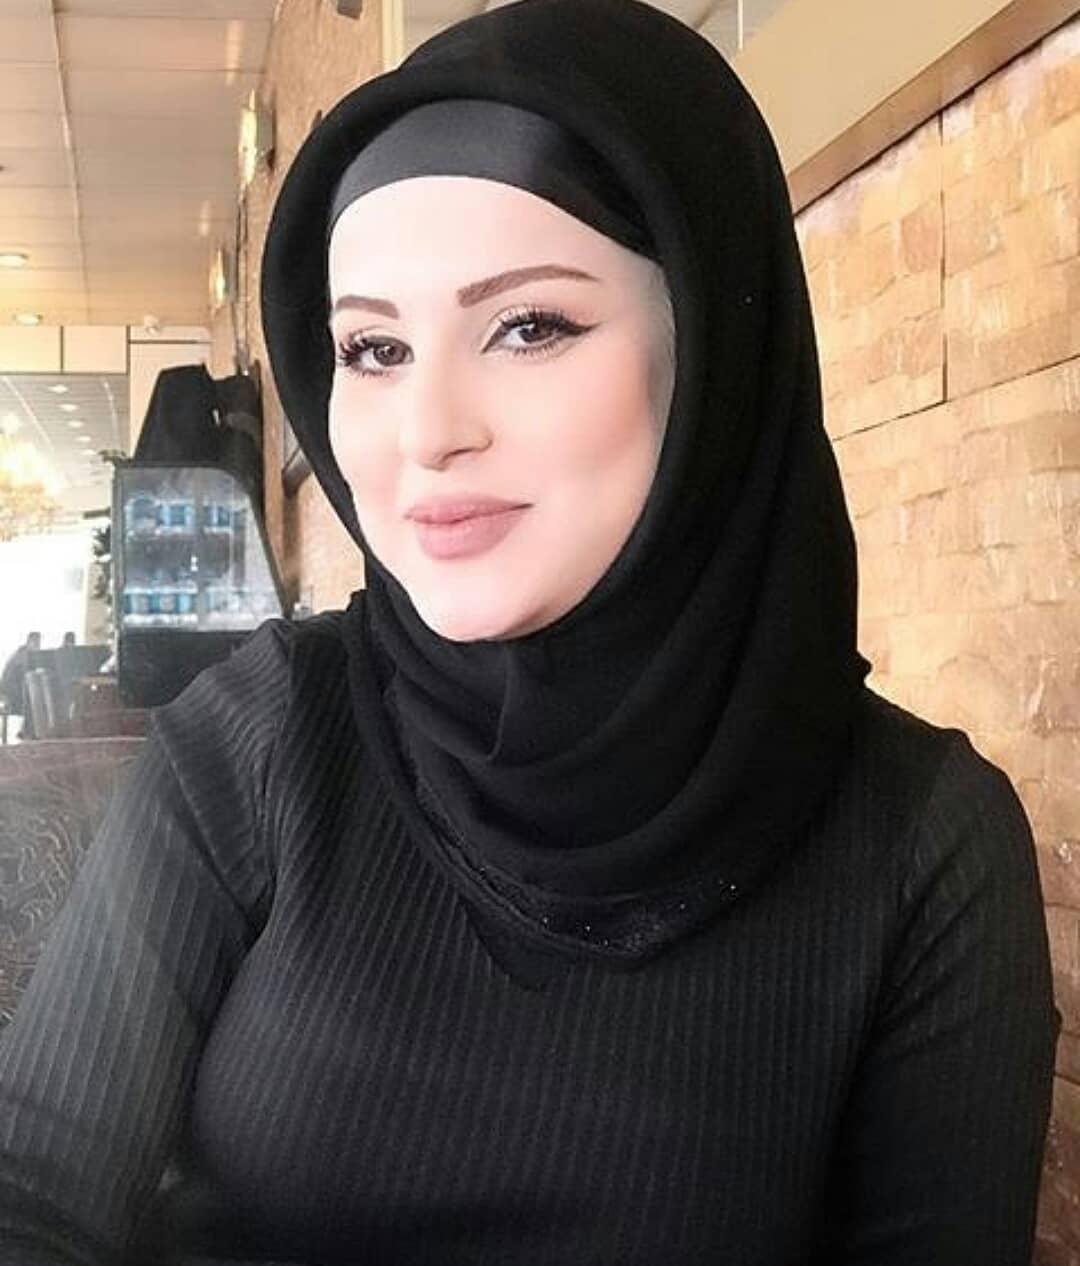 بالصور نساء محجبات , اجمل صورة للمراة المحجبة روعة 1054 12